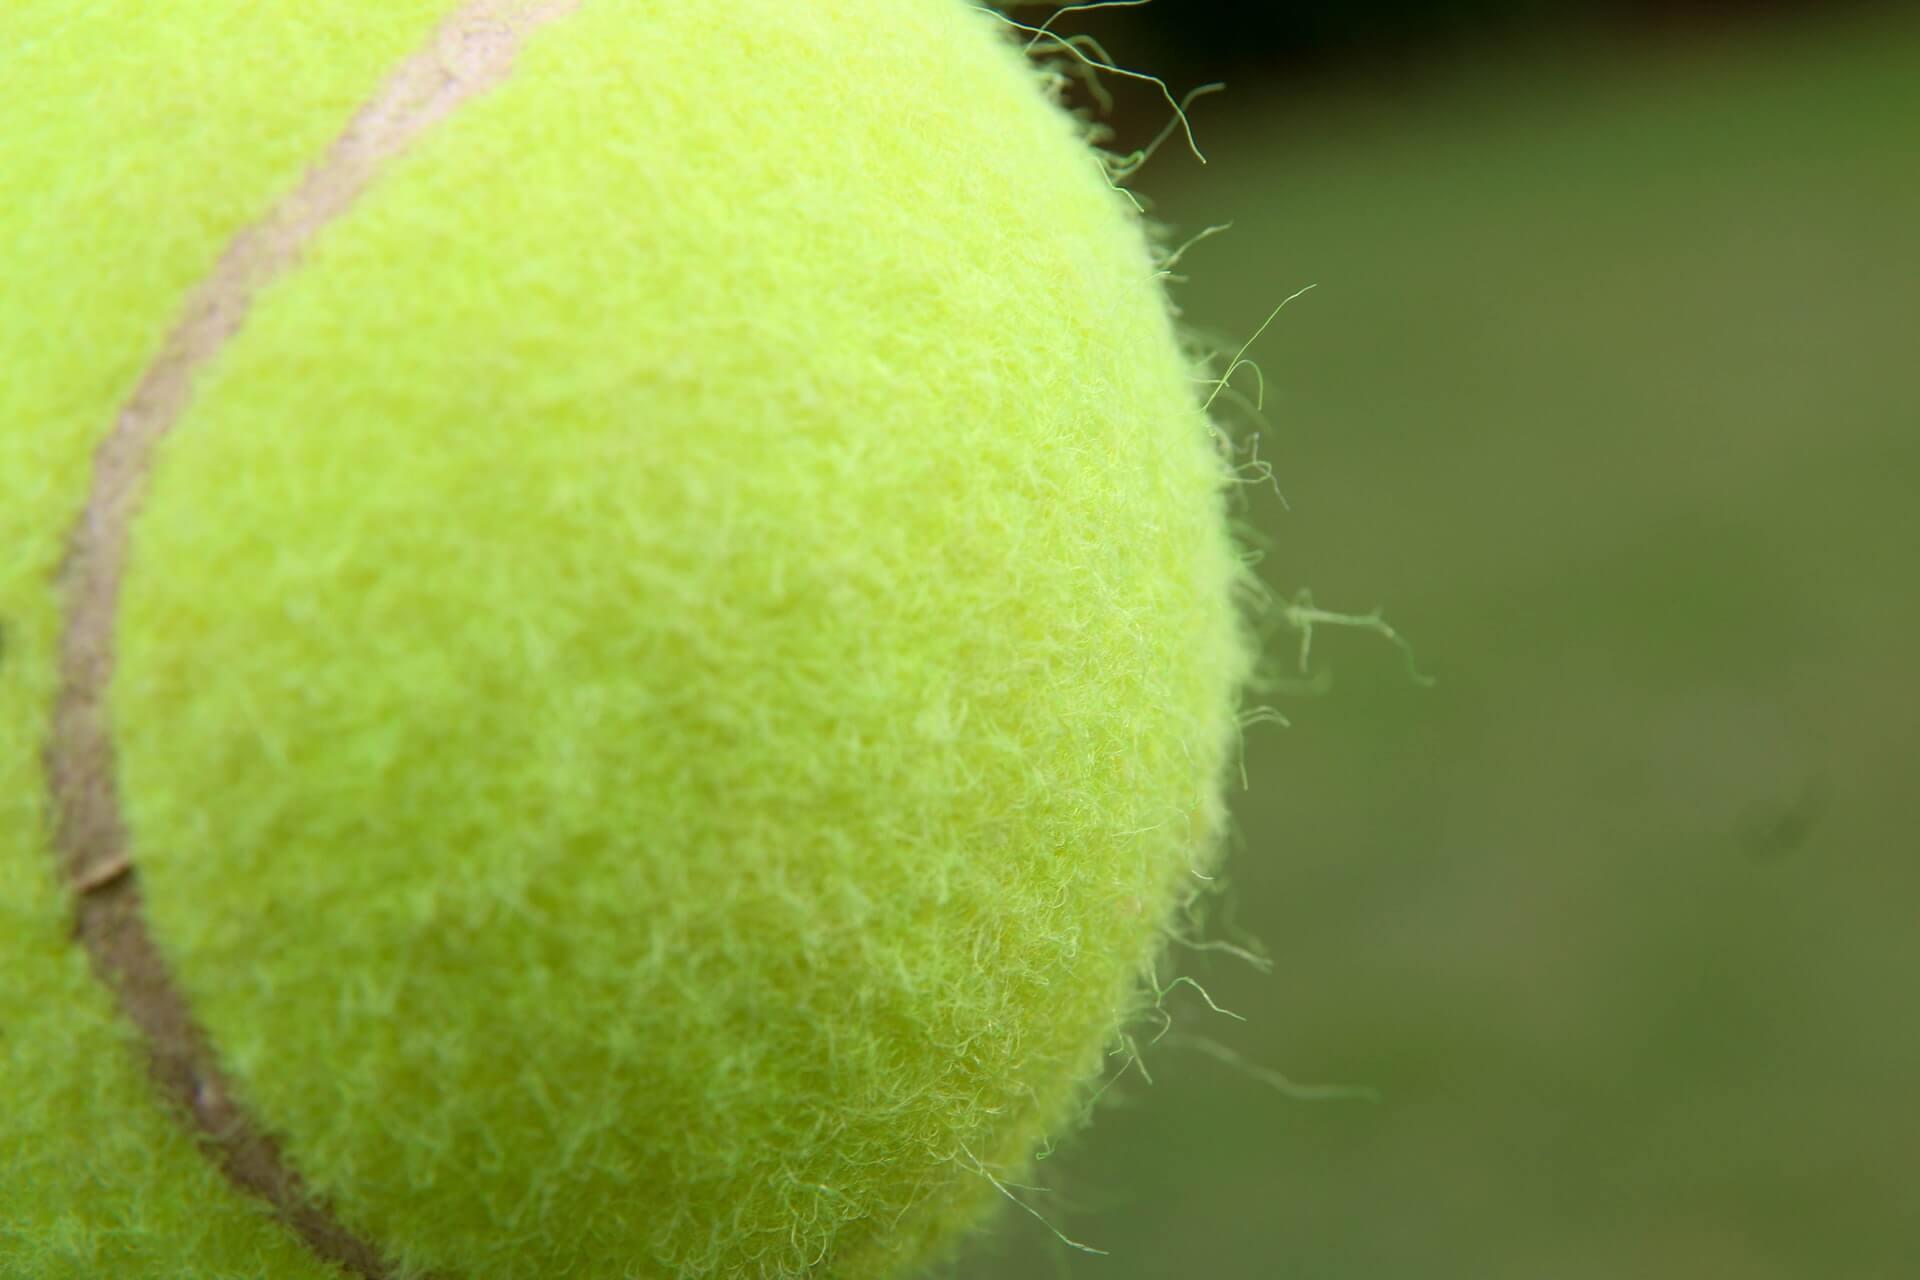 Pelota de tenis para aliviar la fascitis plantar